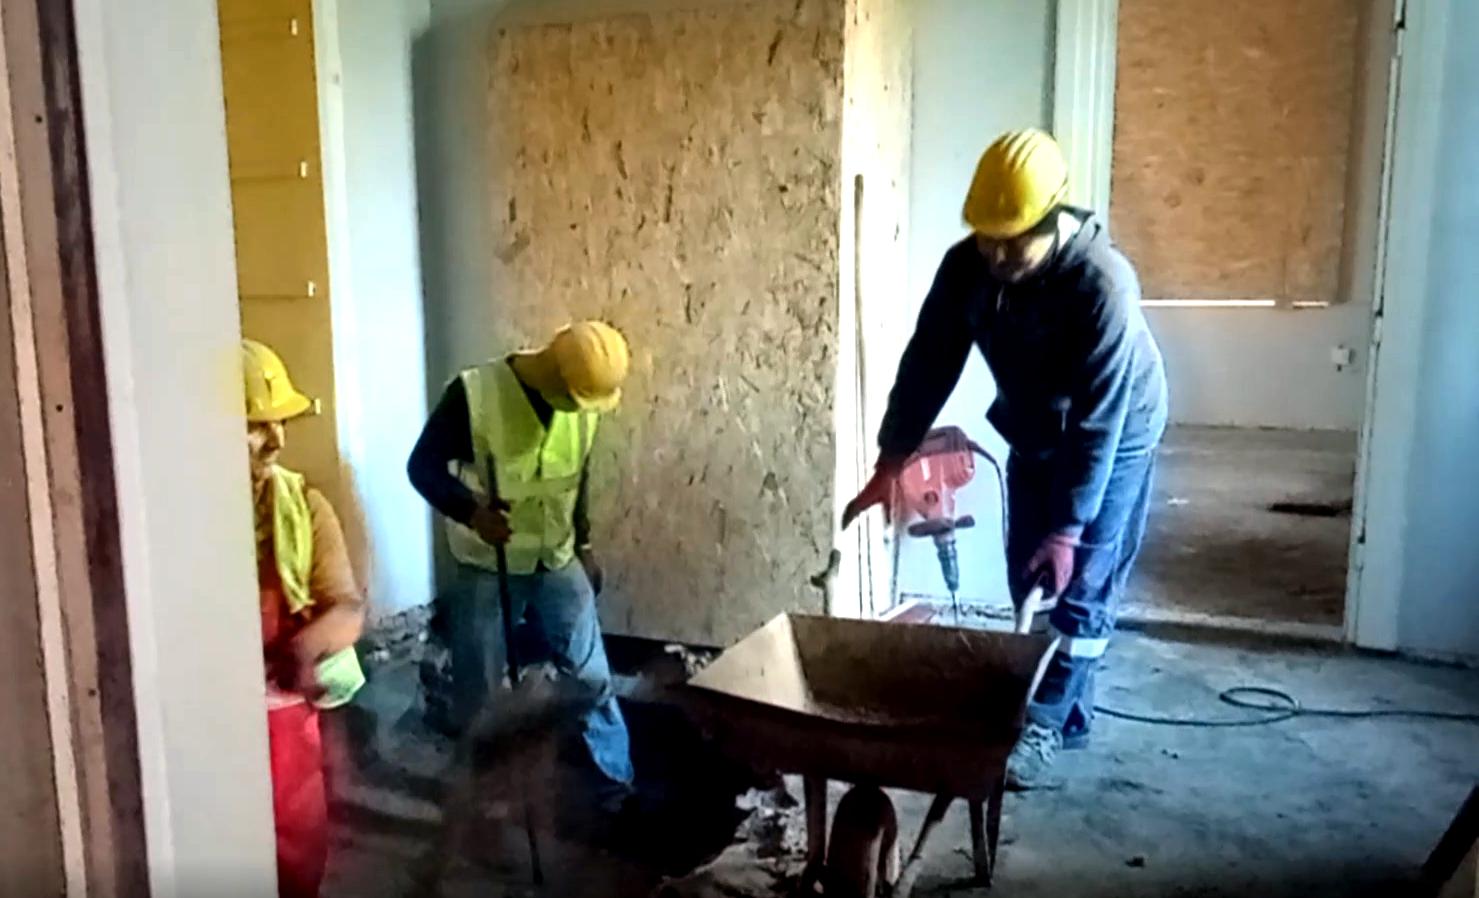 WOLA OKRZEJSKA. Wielki remont w Muzeum H. Sienkiewicza. Byliśmy tam z kamerą  - Zdjęcie główne